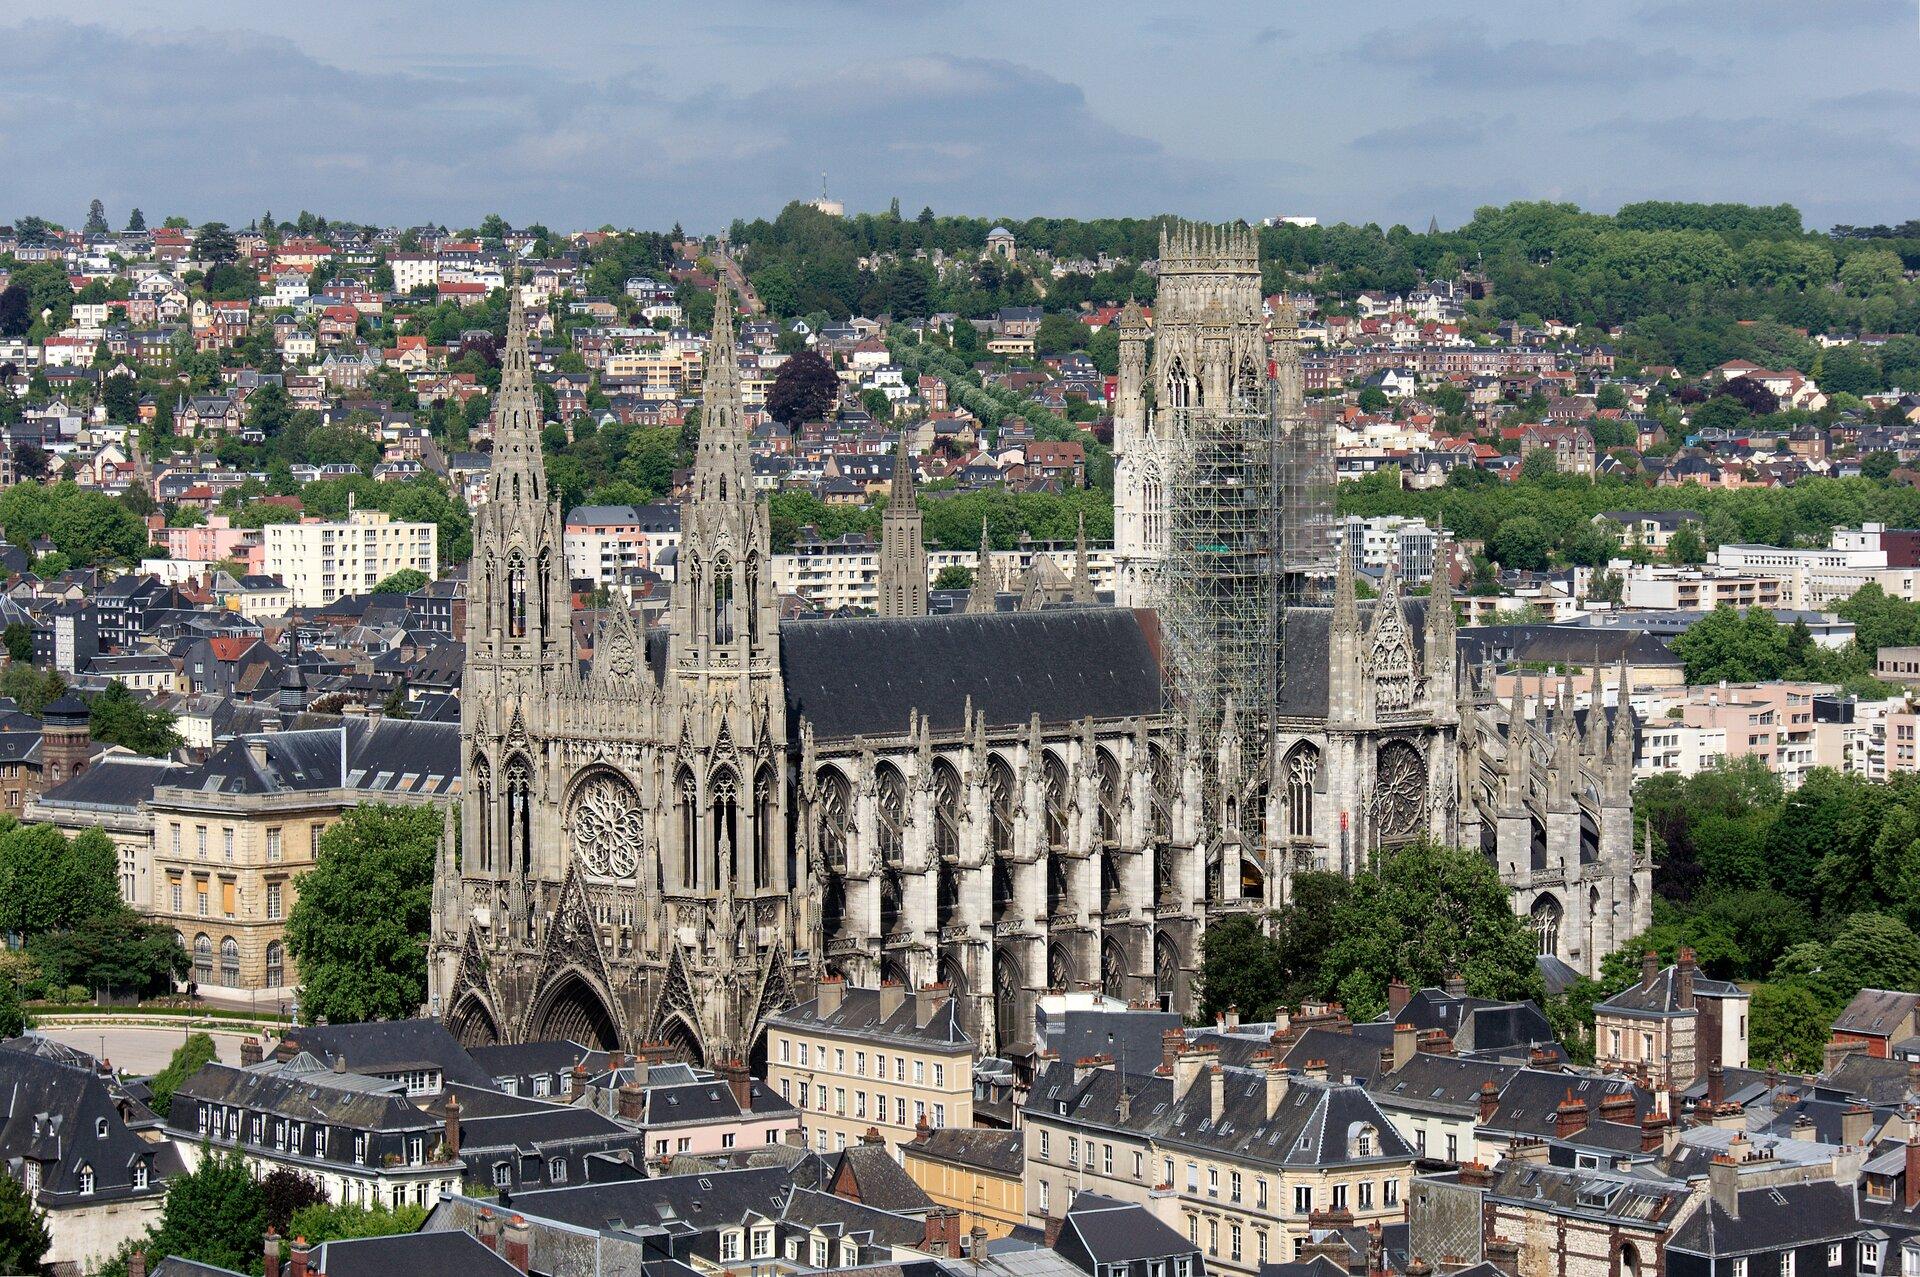 Katedra Notre-Dame wRouen, XIII wiek Katedra Notre-Dame wRouen, XIII wiek Źródło: Frédéric BISSON, licencja: CC BY 2.0.